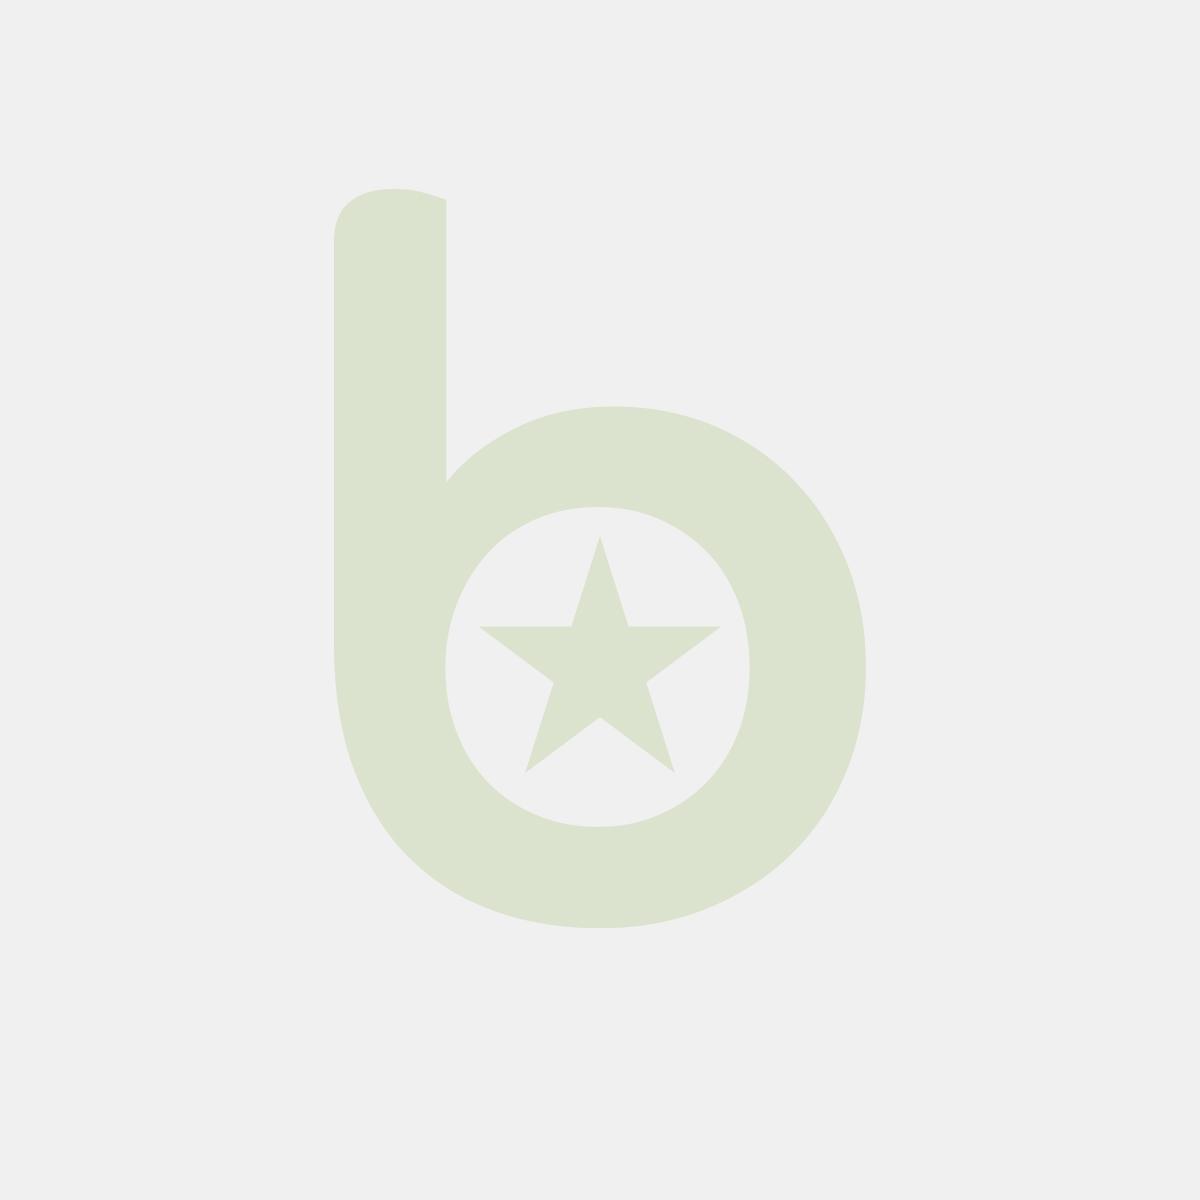 Pojemnik obiadowy, cateringowy do zgrzewu 227x178x3 czarny, niedzielony, gładki TnP op. 50 sztuk